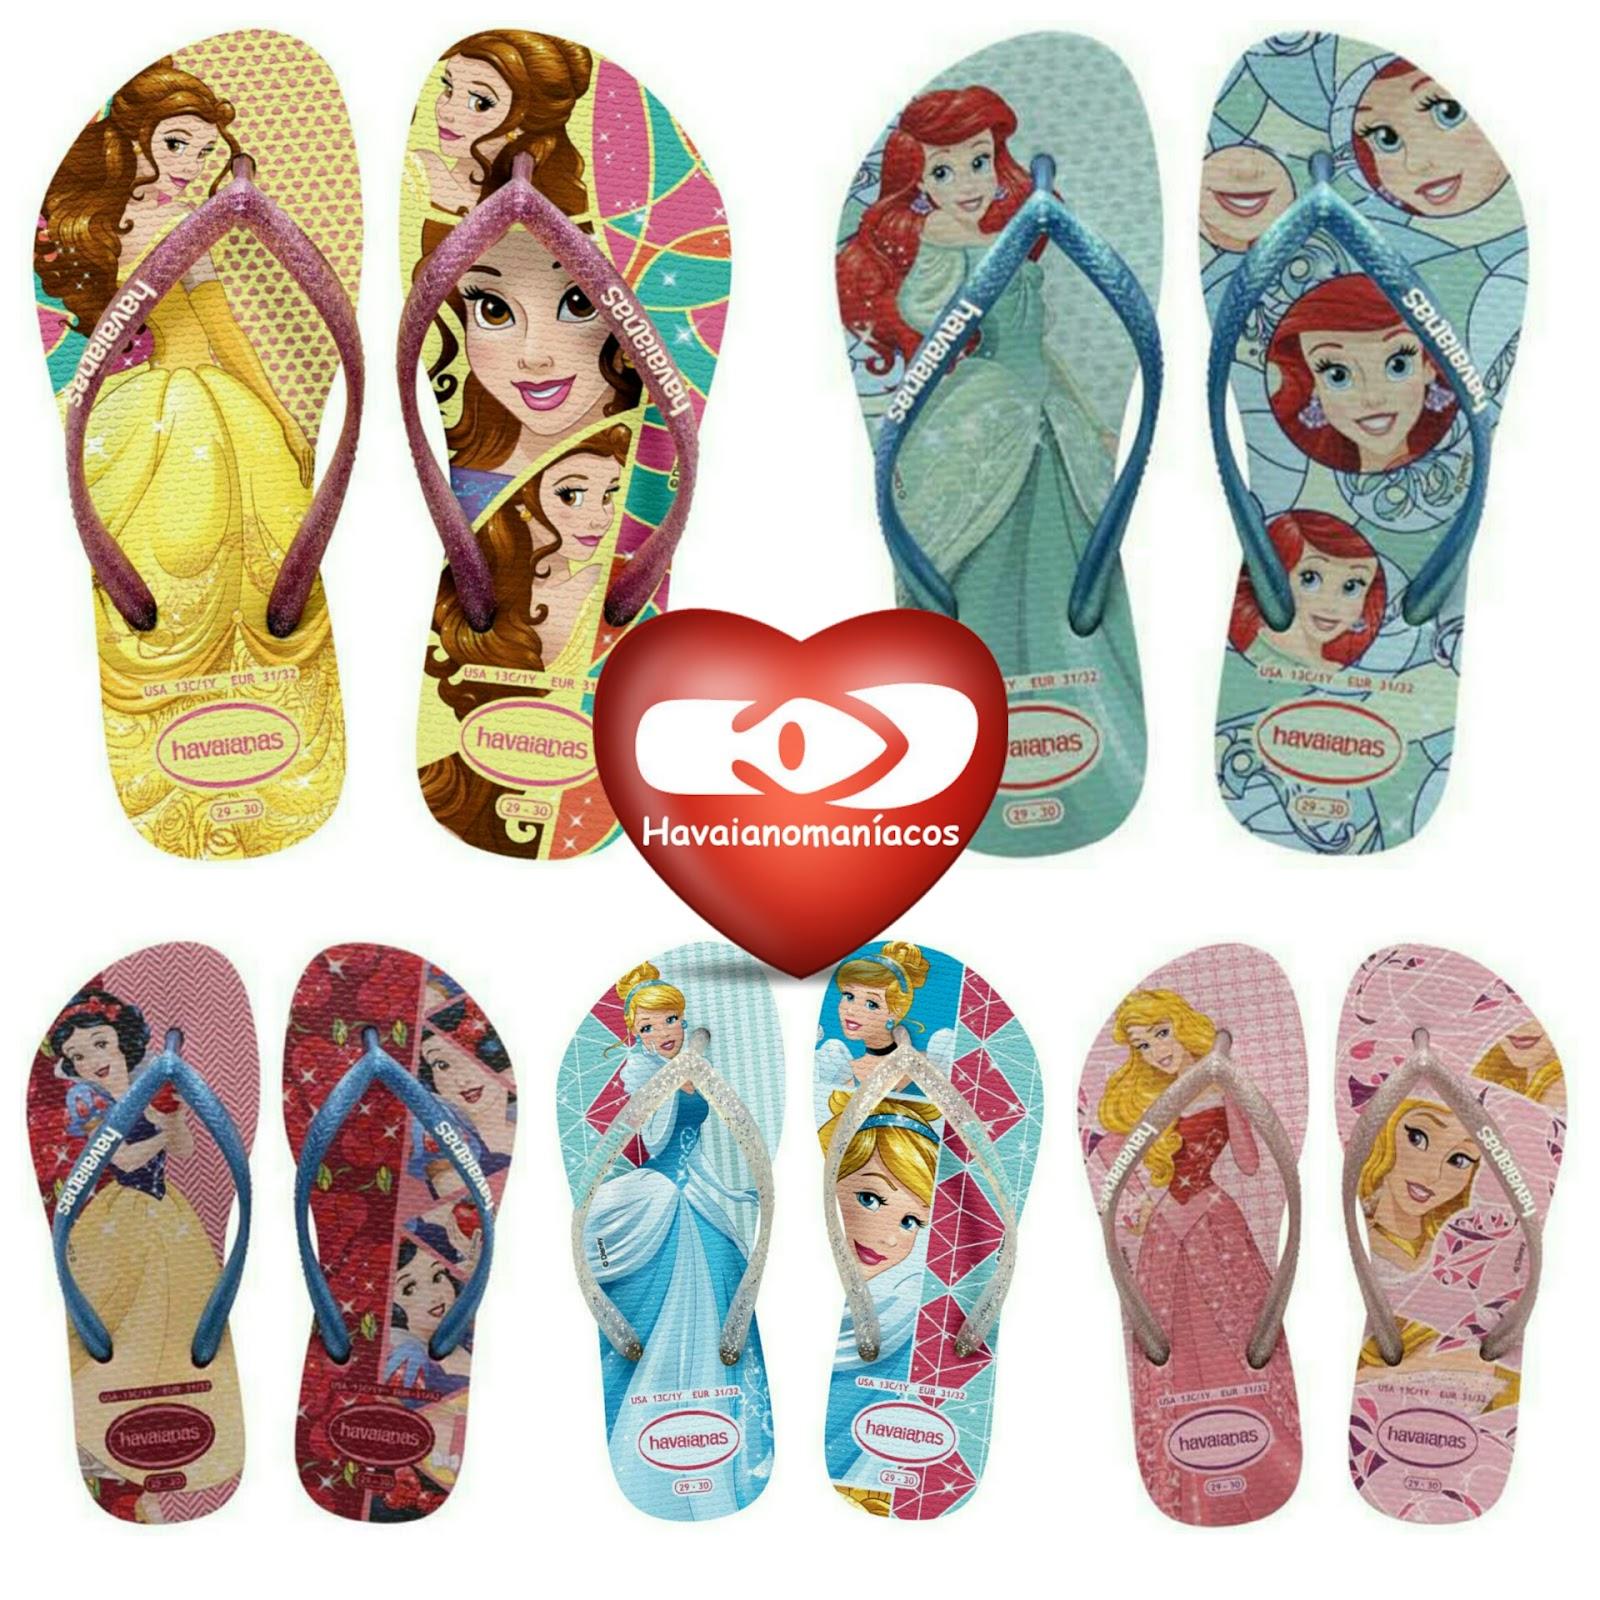 7670c0b36 Este ano as sandálias com estampas de princesas estão simplesmente  arrasando e enlouquecendo a galera apaixonada por havaianas.